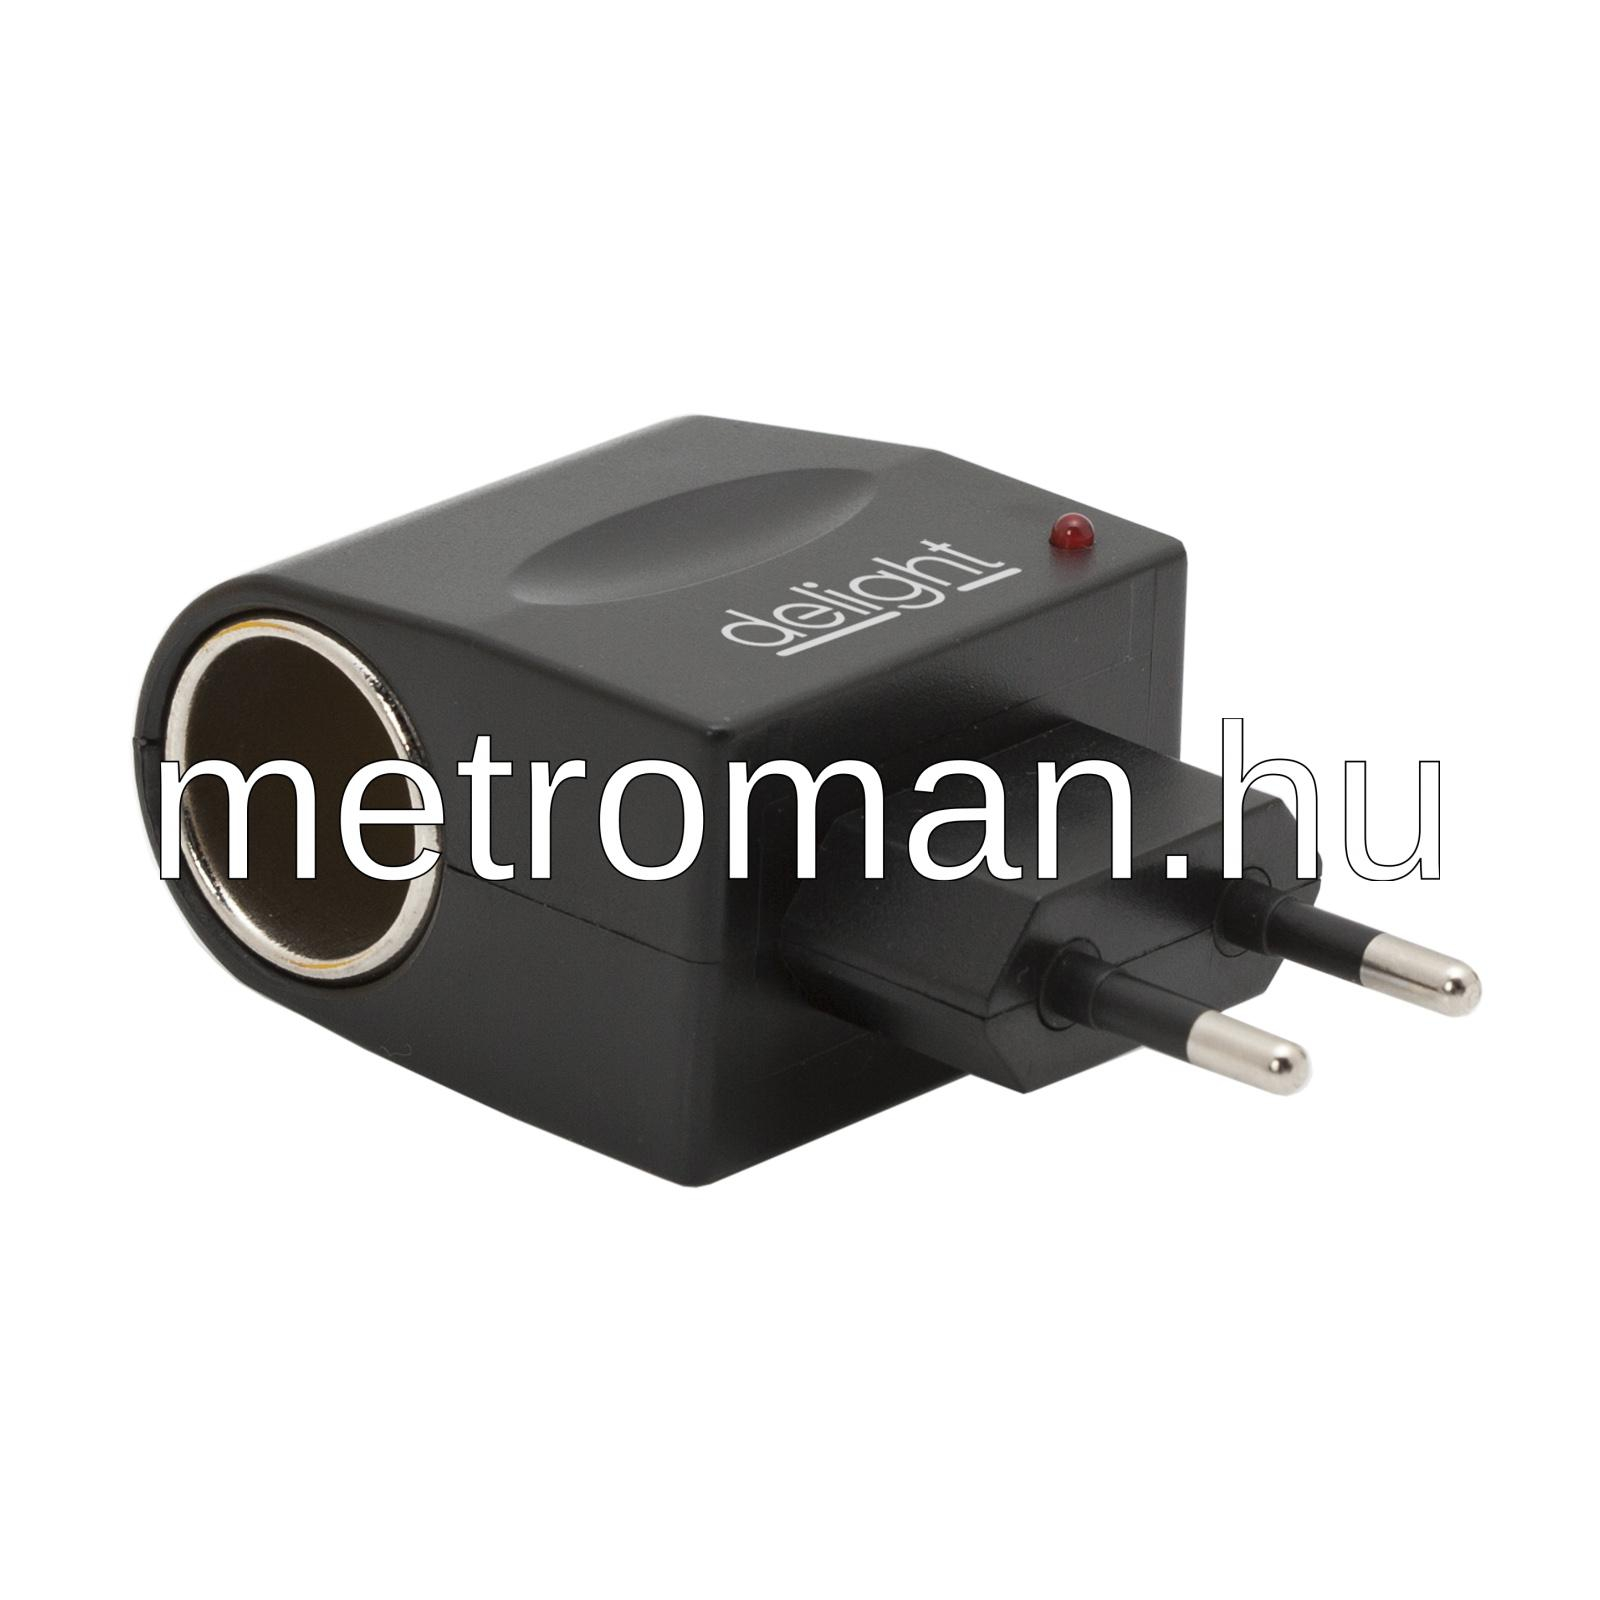 Hálózati adapter szivargyújtó aljzattal 55048